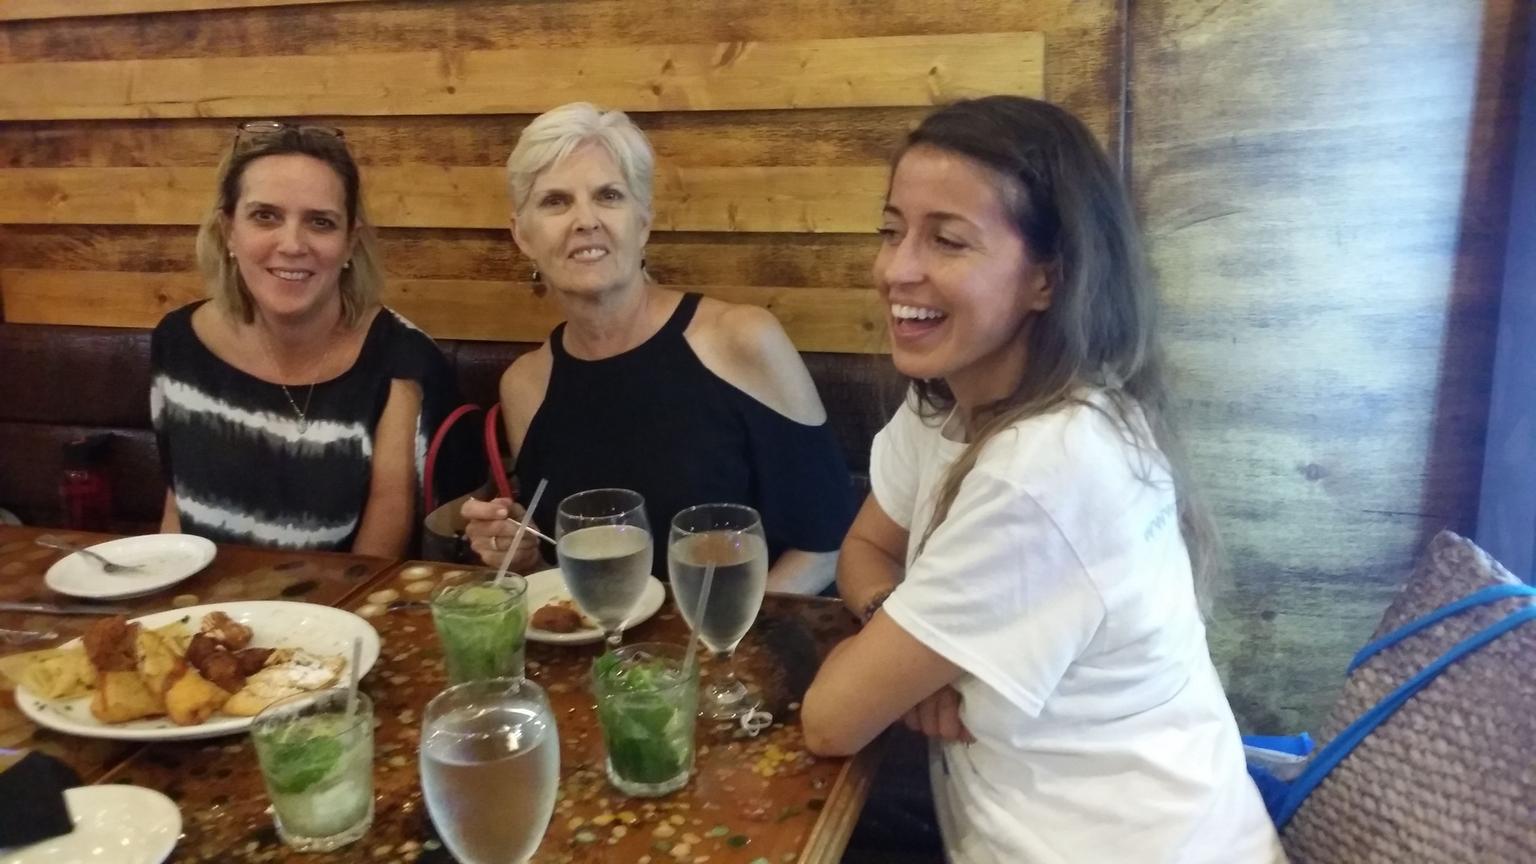 MAIS FOTOS, Excursão gastronômica para descobrir um pouco do sabor de South Beach